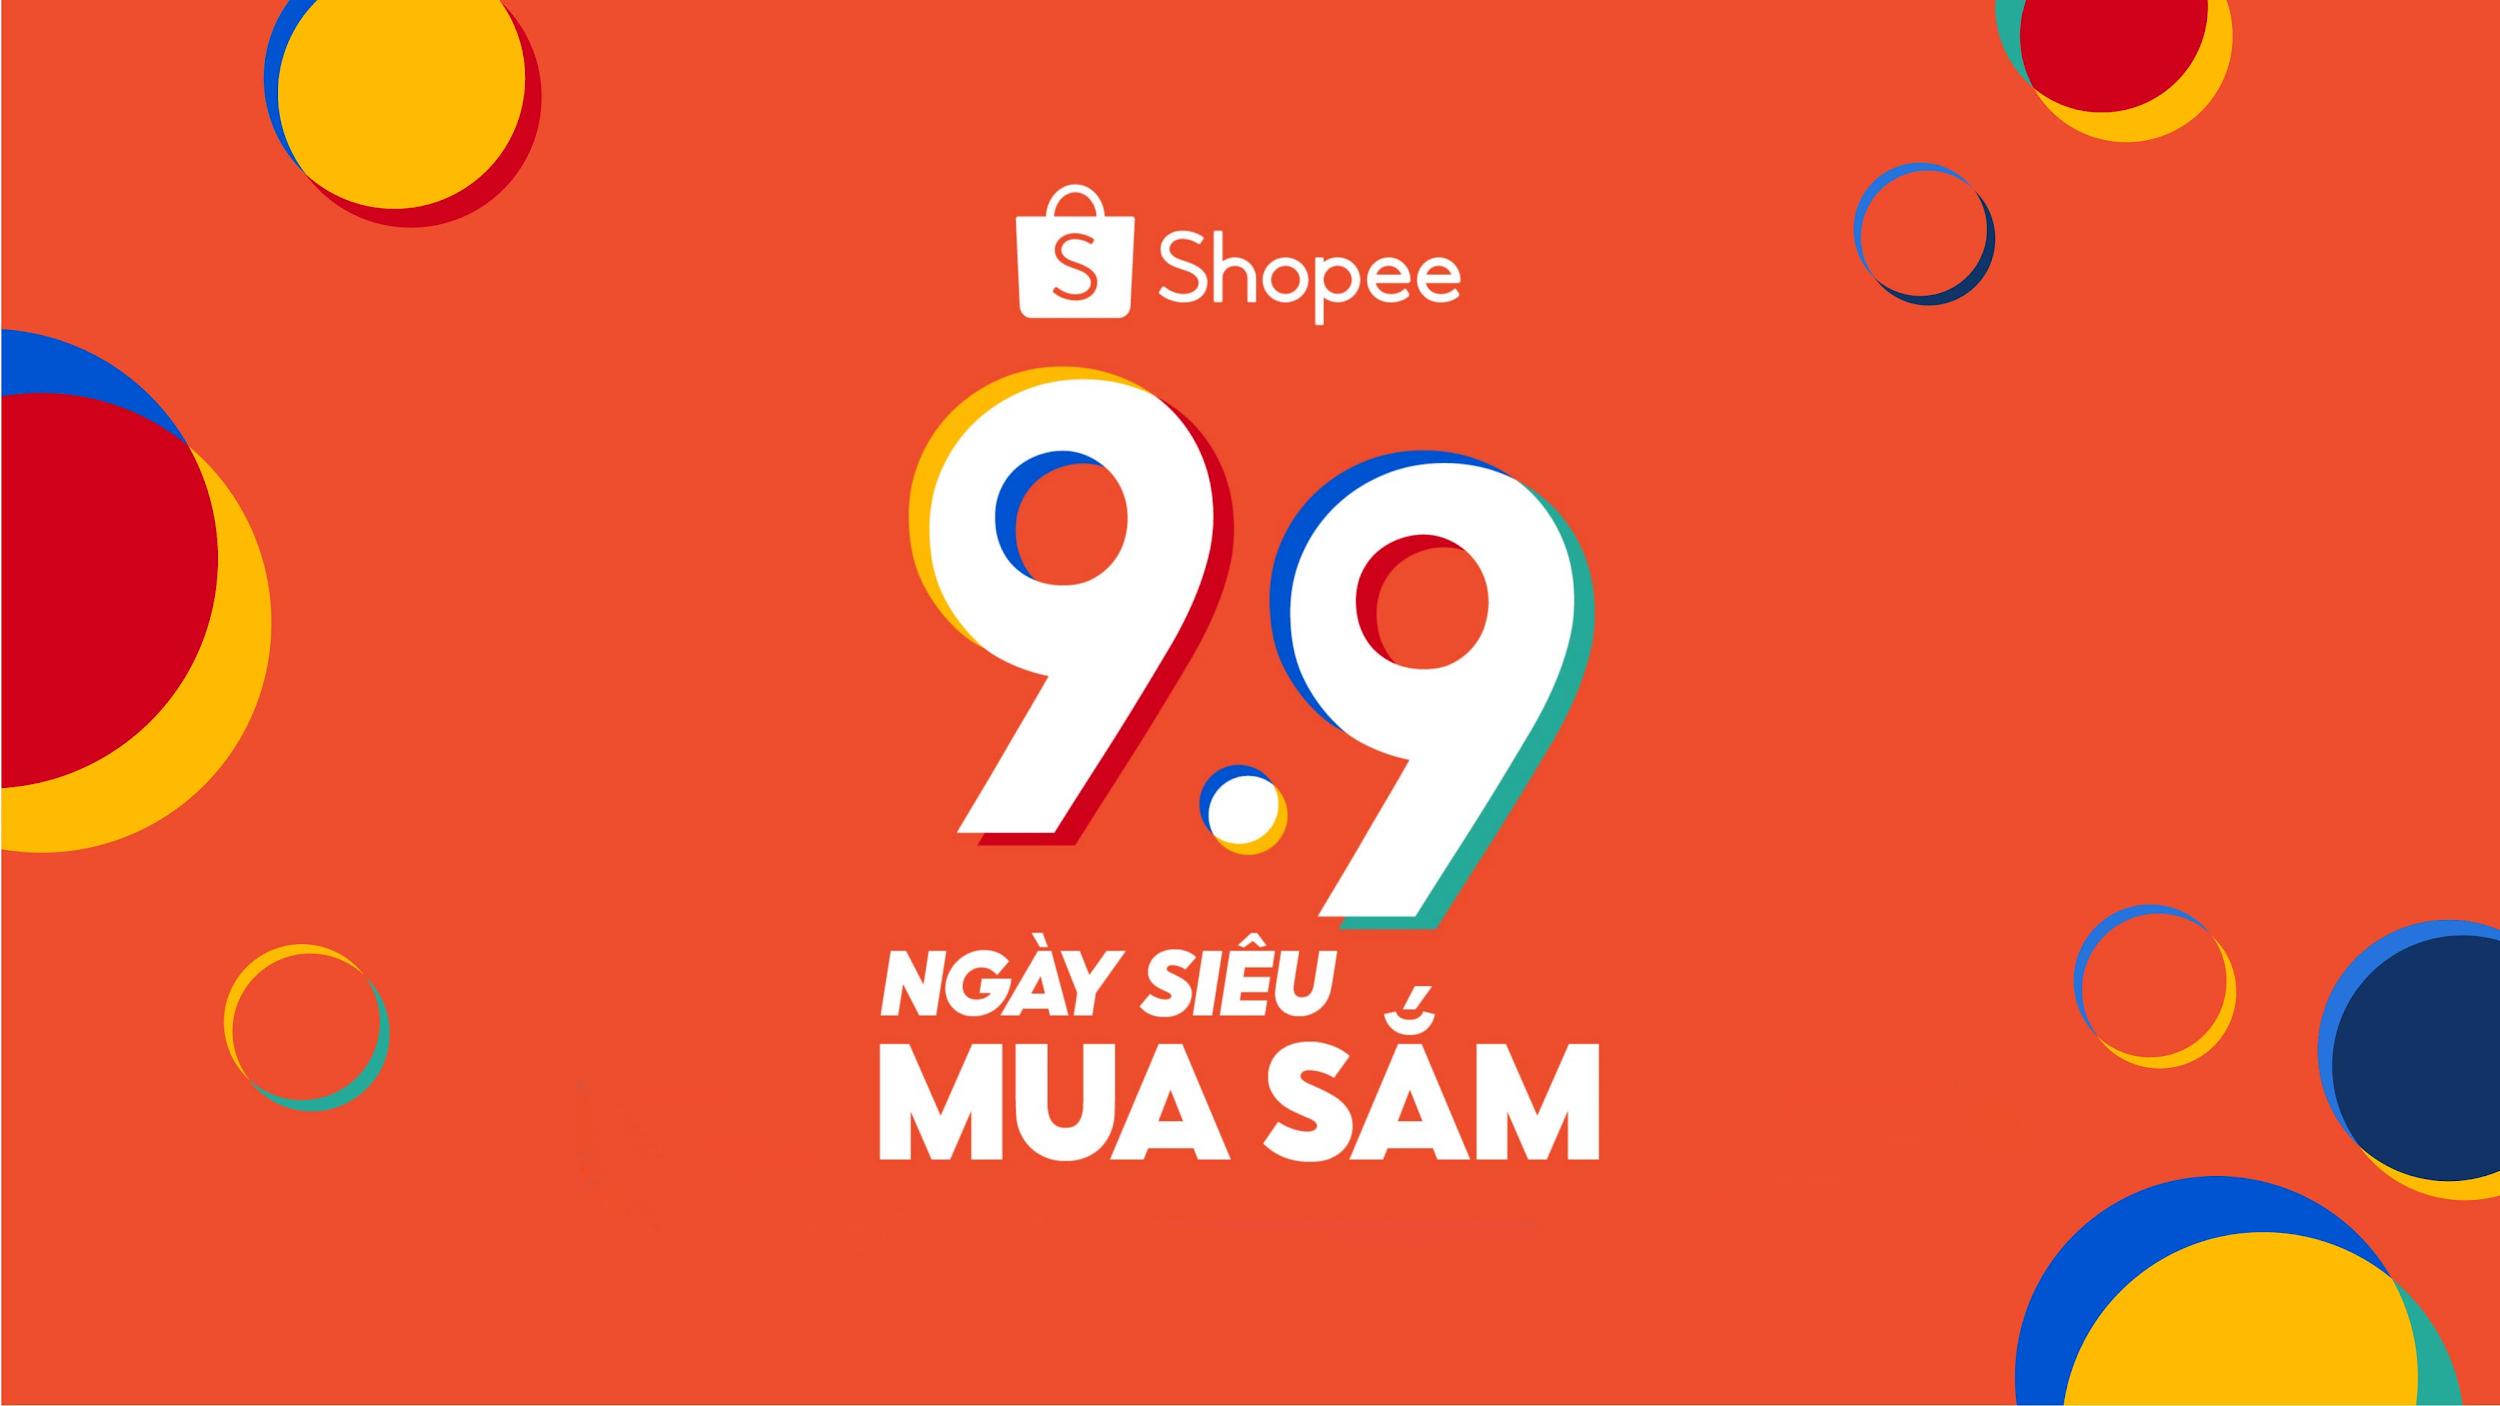 """Shopee mang đến 3 cam kết """"Siêu ưu đãi"""" trong ngày 9.9 Siêu Mua Sắm, phù hợp với tầm quan trọng ngày càng tăng của TMĐT trong giai đoạn bình thường mới"""